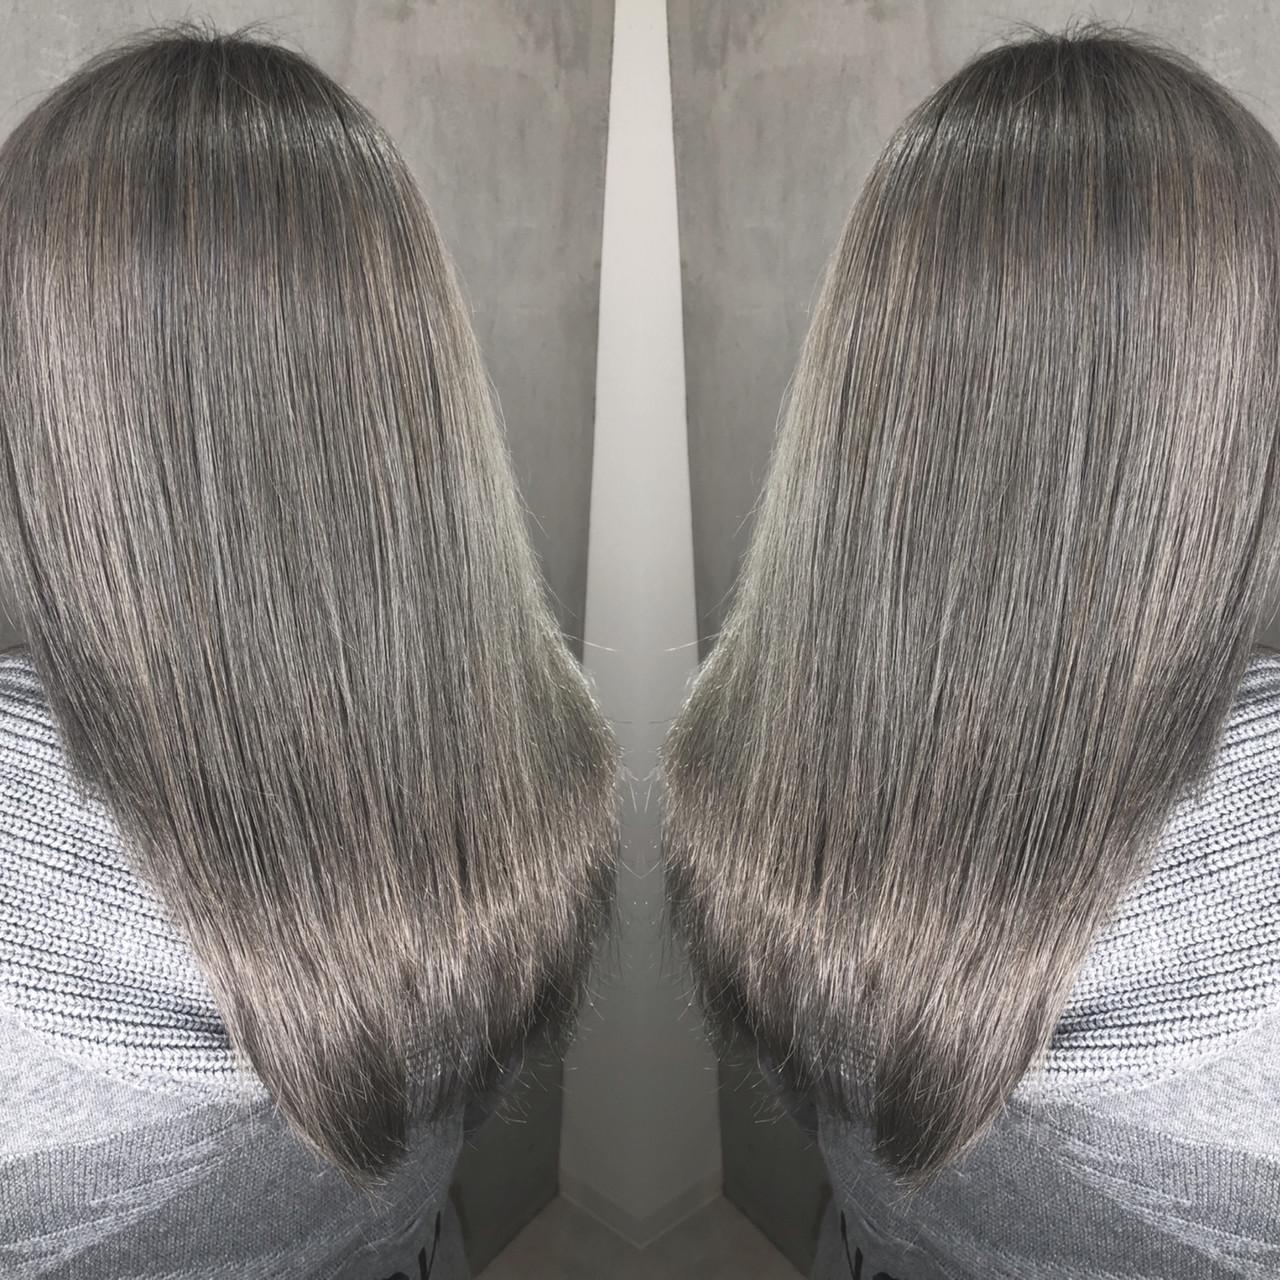 ハイライト ストリート グレージュ グラデーションカラー ヘアスタイルや髪型の写真・画像 | 筒井 隆由 / Hair salon mode